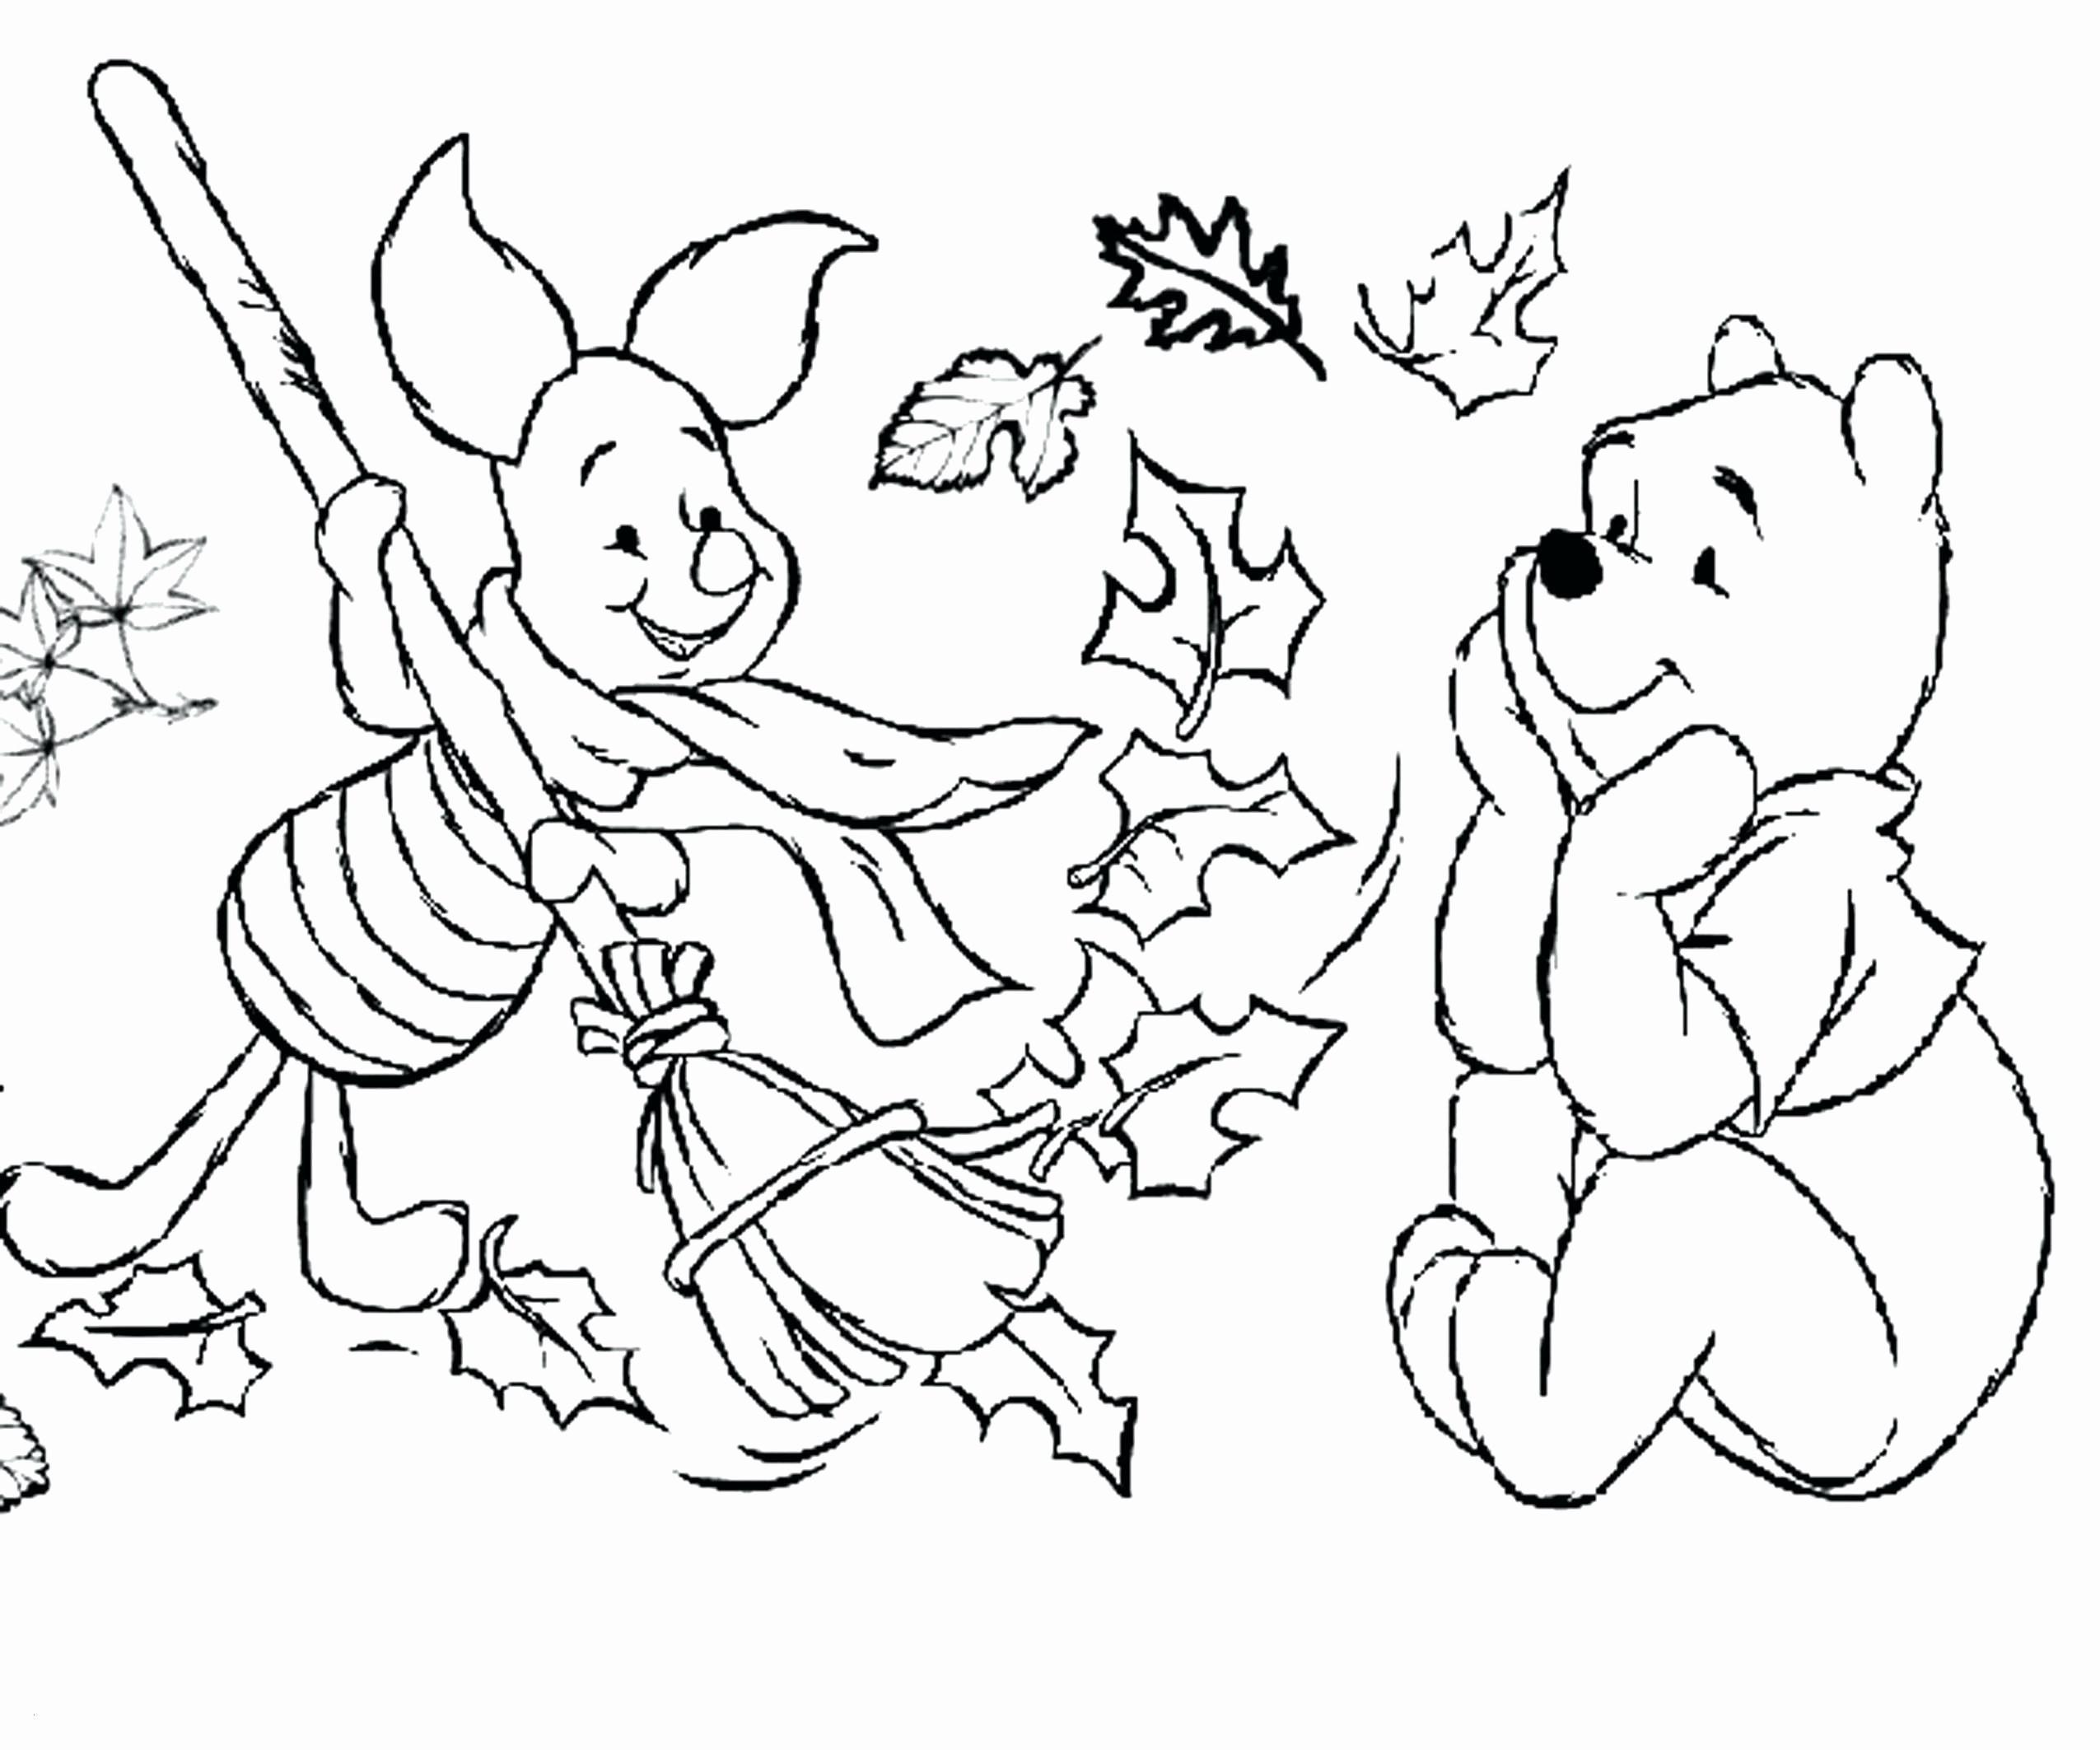 Malvorlagen Weihnachten Din A4 Frisch Malvorlage Robin Hood Und Prinzessin Stock